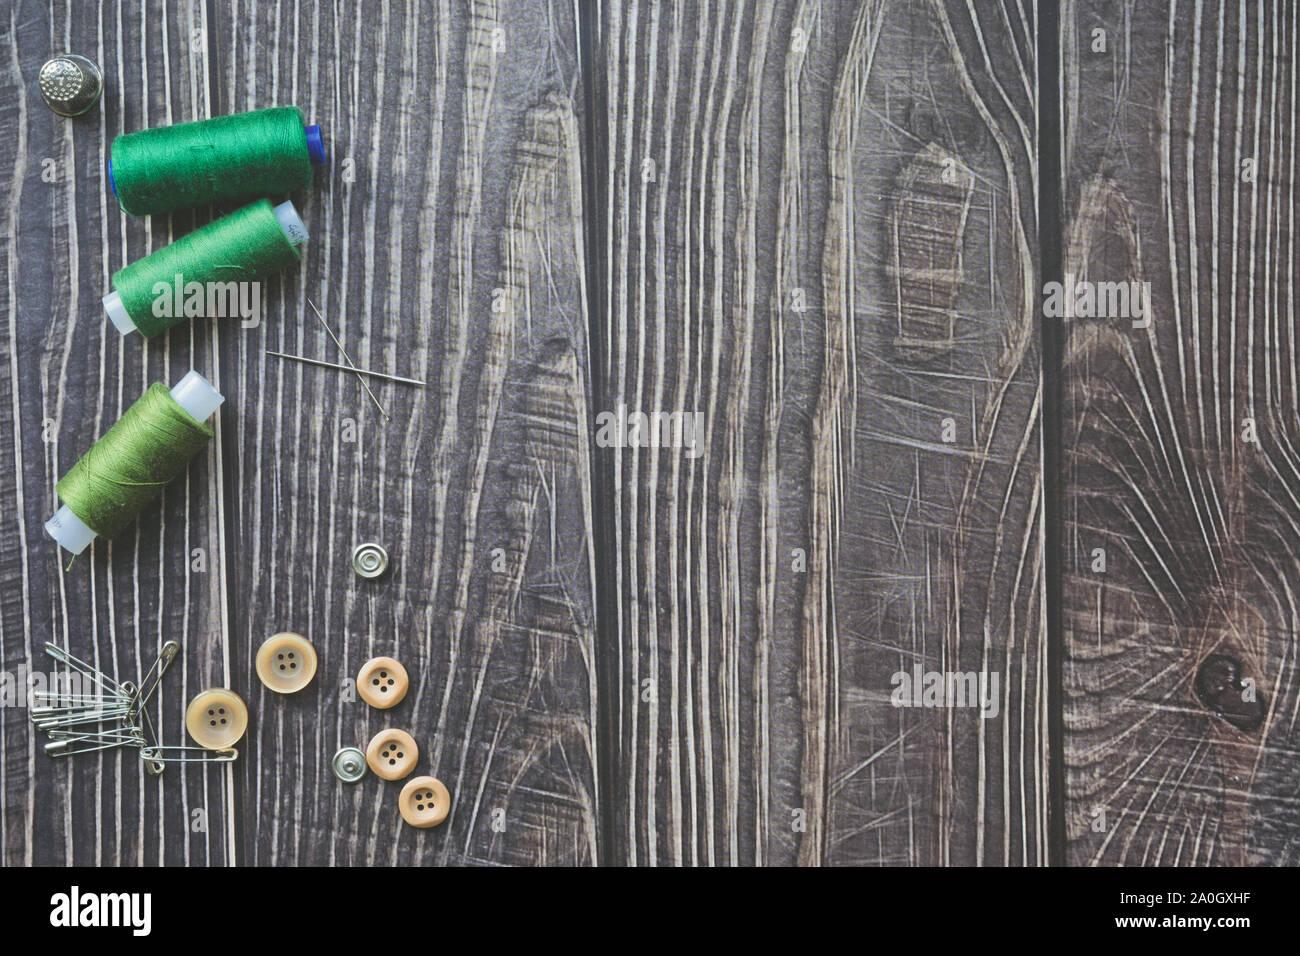 Accesorios de costura sobre fondo de madera oscura. Green hilos de costura, agujas, botones y pasadores, flatlay vista superior. Foto de stock